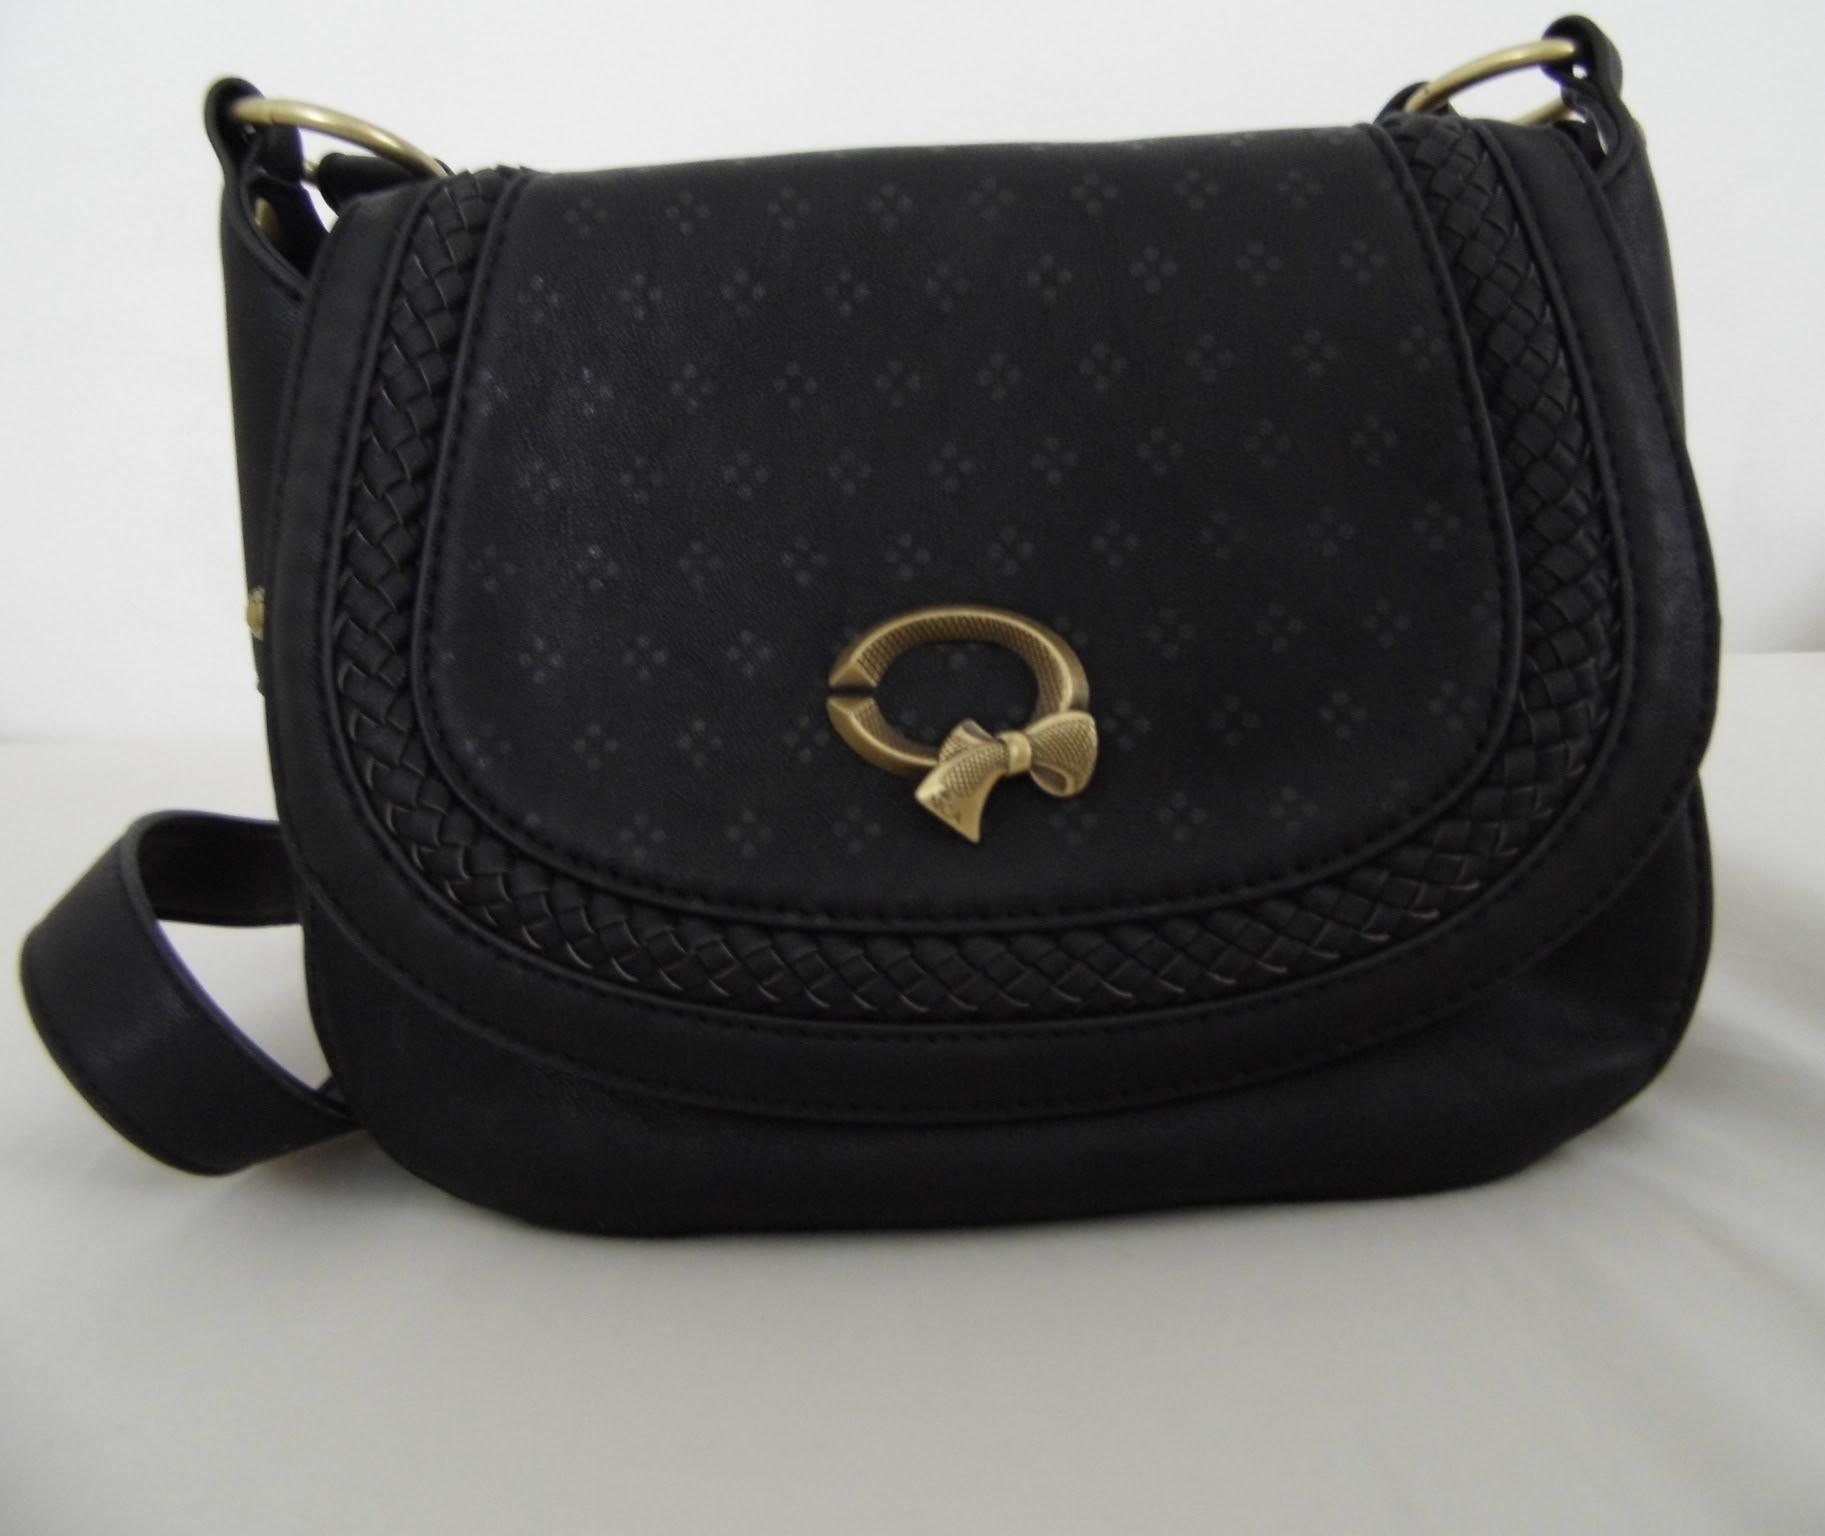 Nica Saddle Bag style handbag